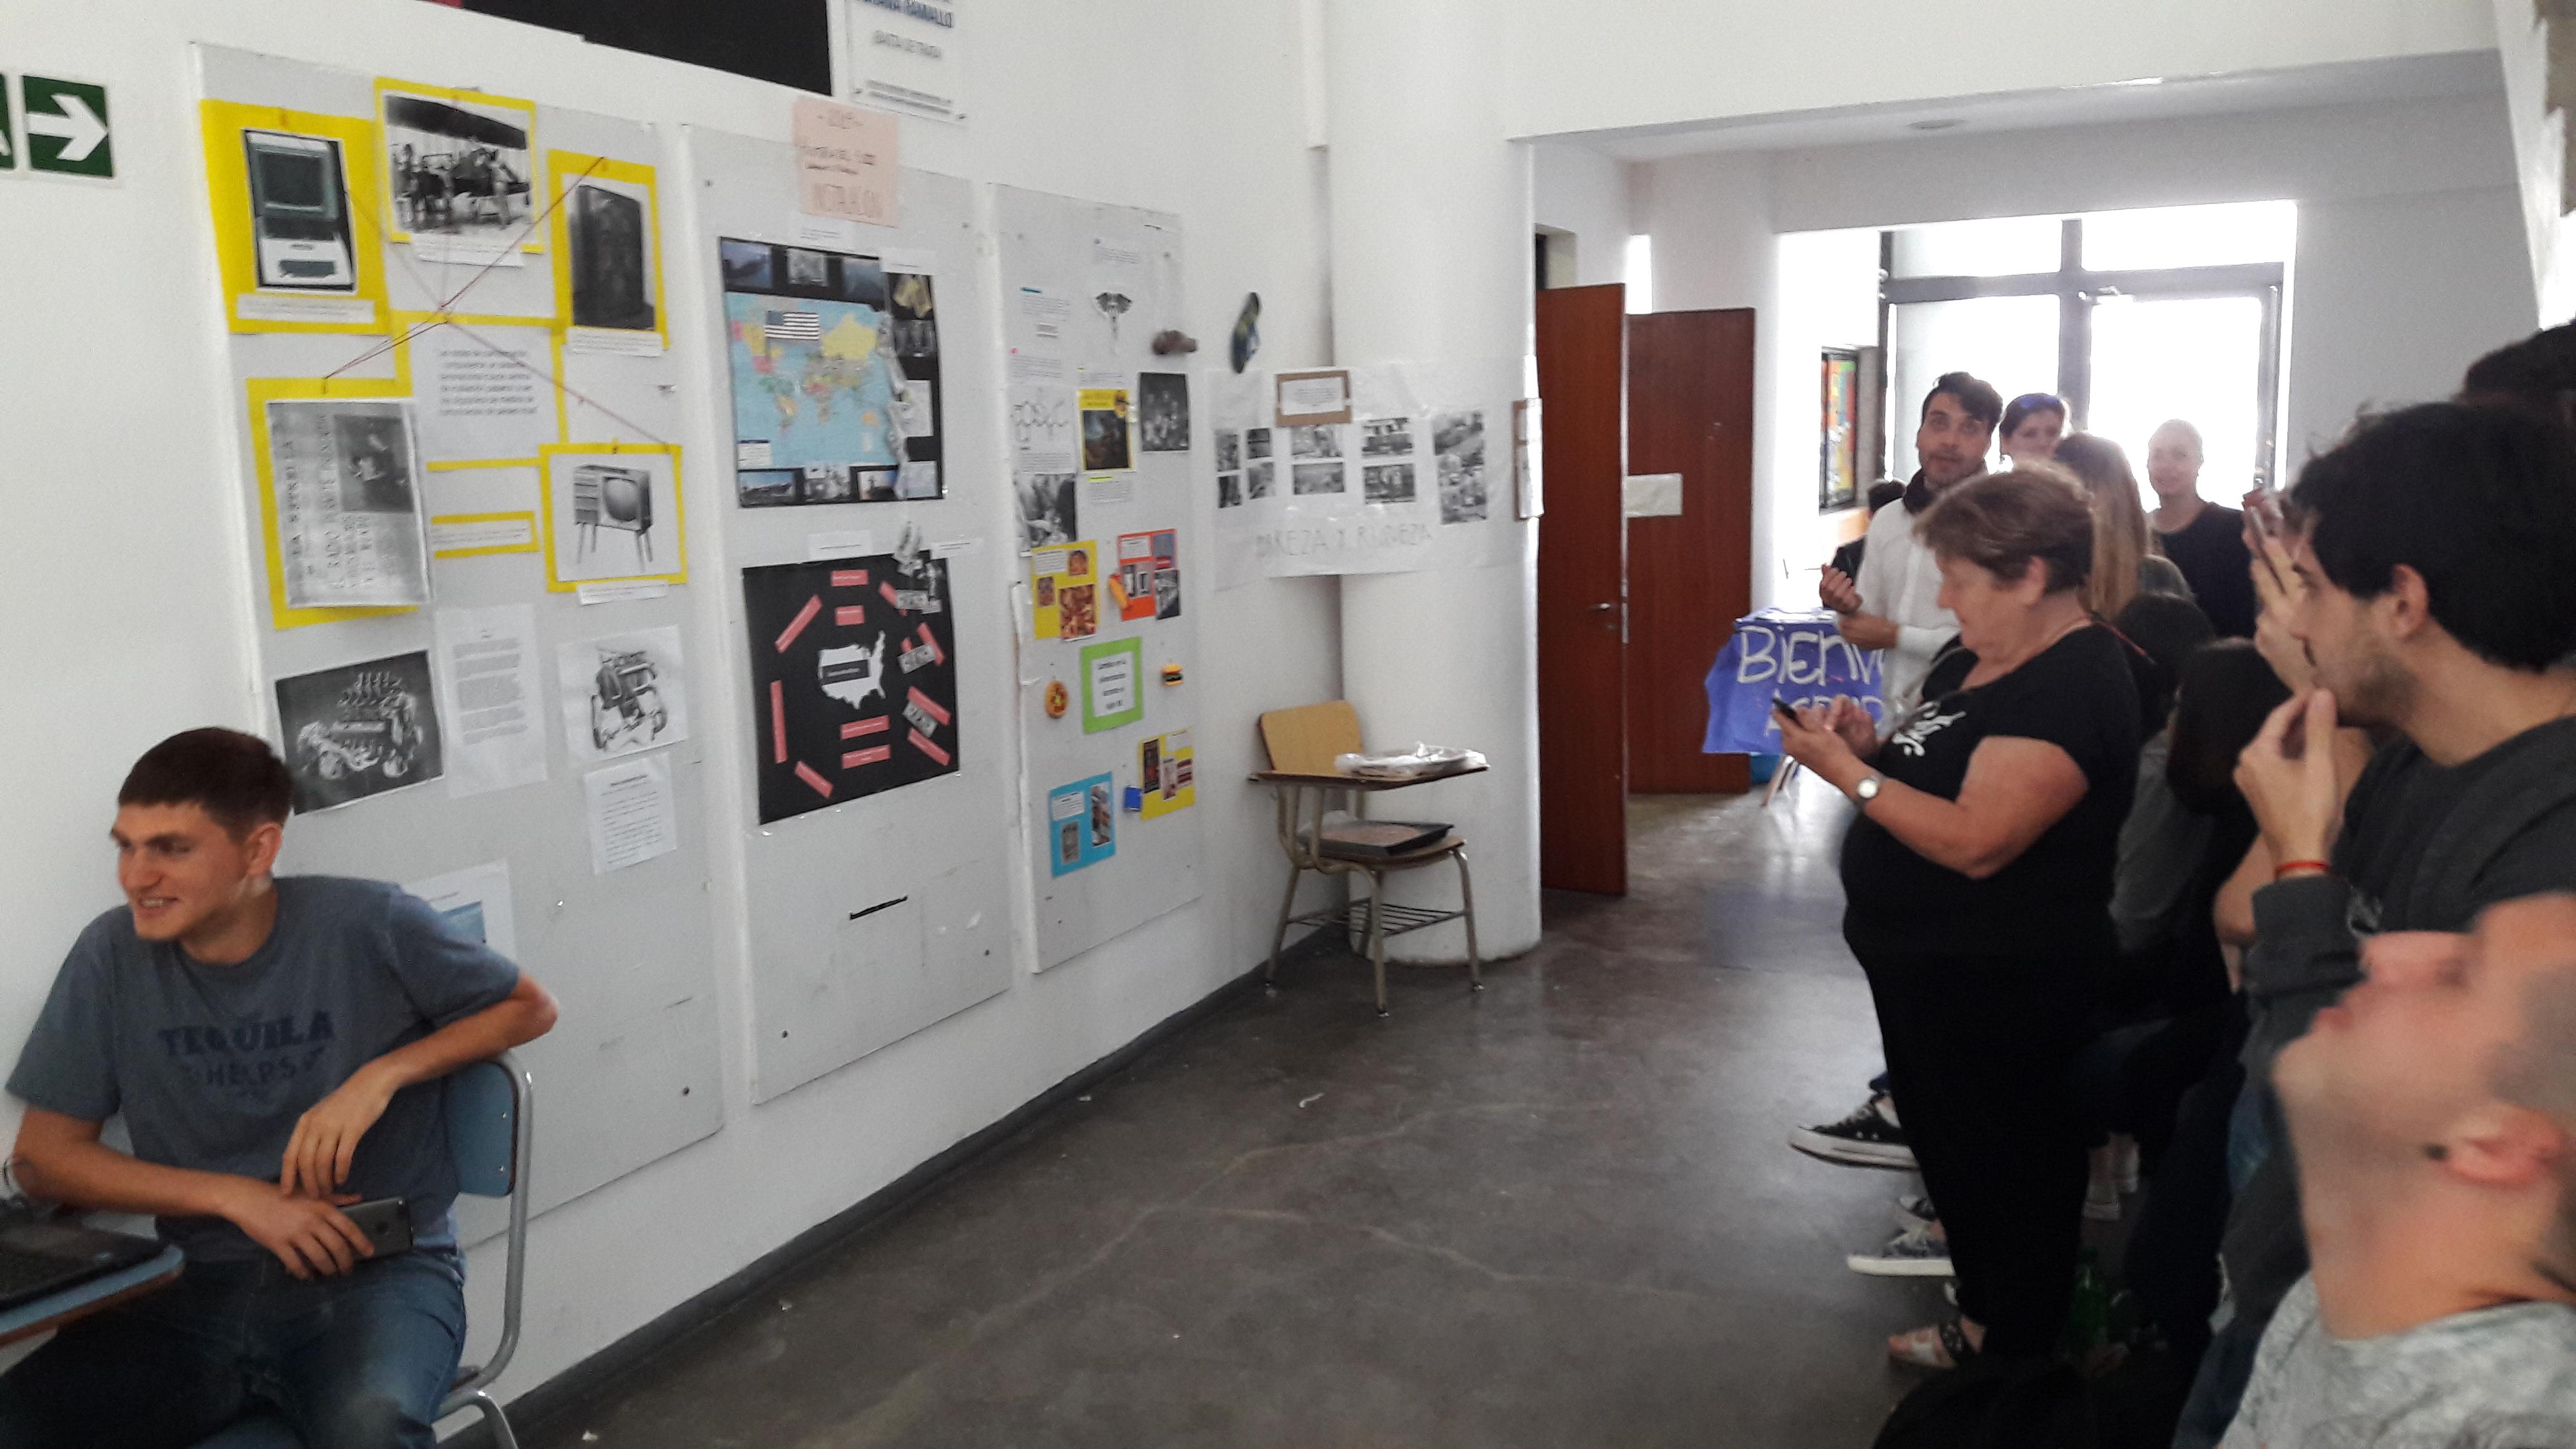 Con un mural sobre íconos temáticos del Siglo XX se cerraron clases prácticas de Historia en Periodismo de la UNLP